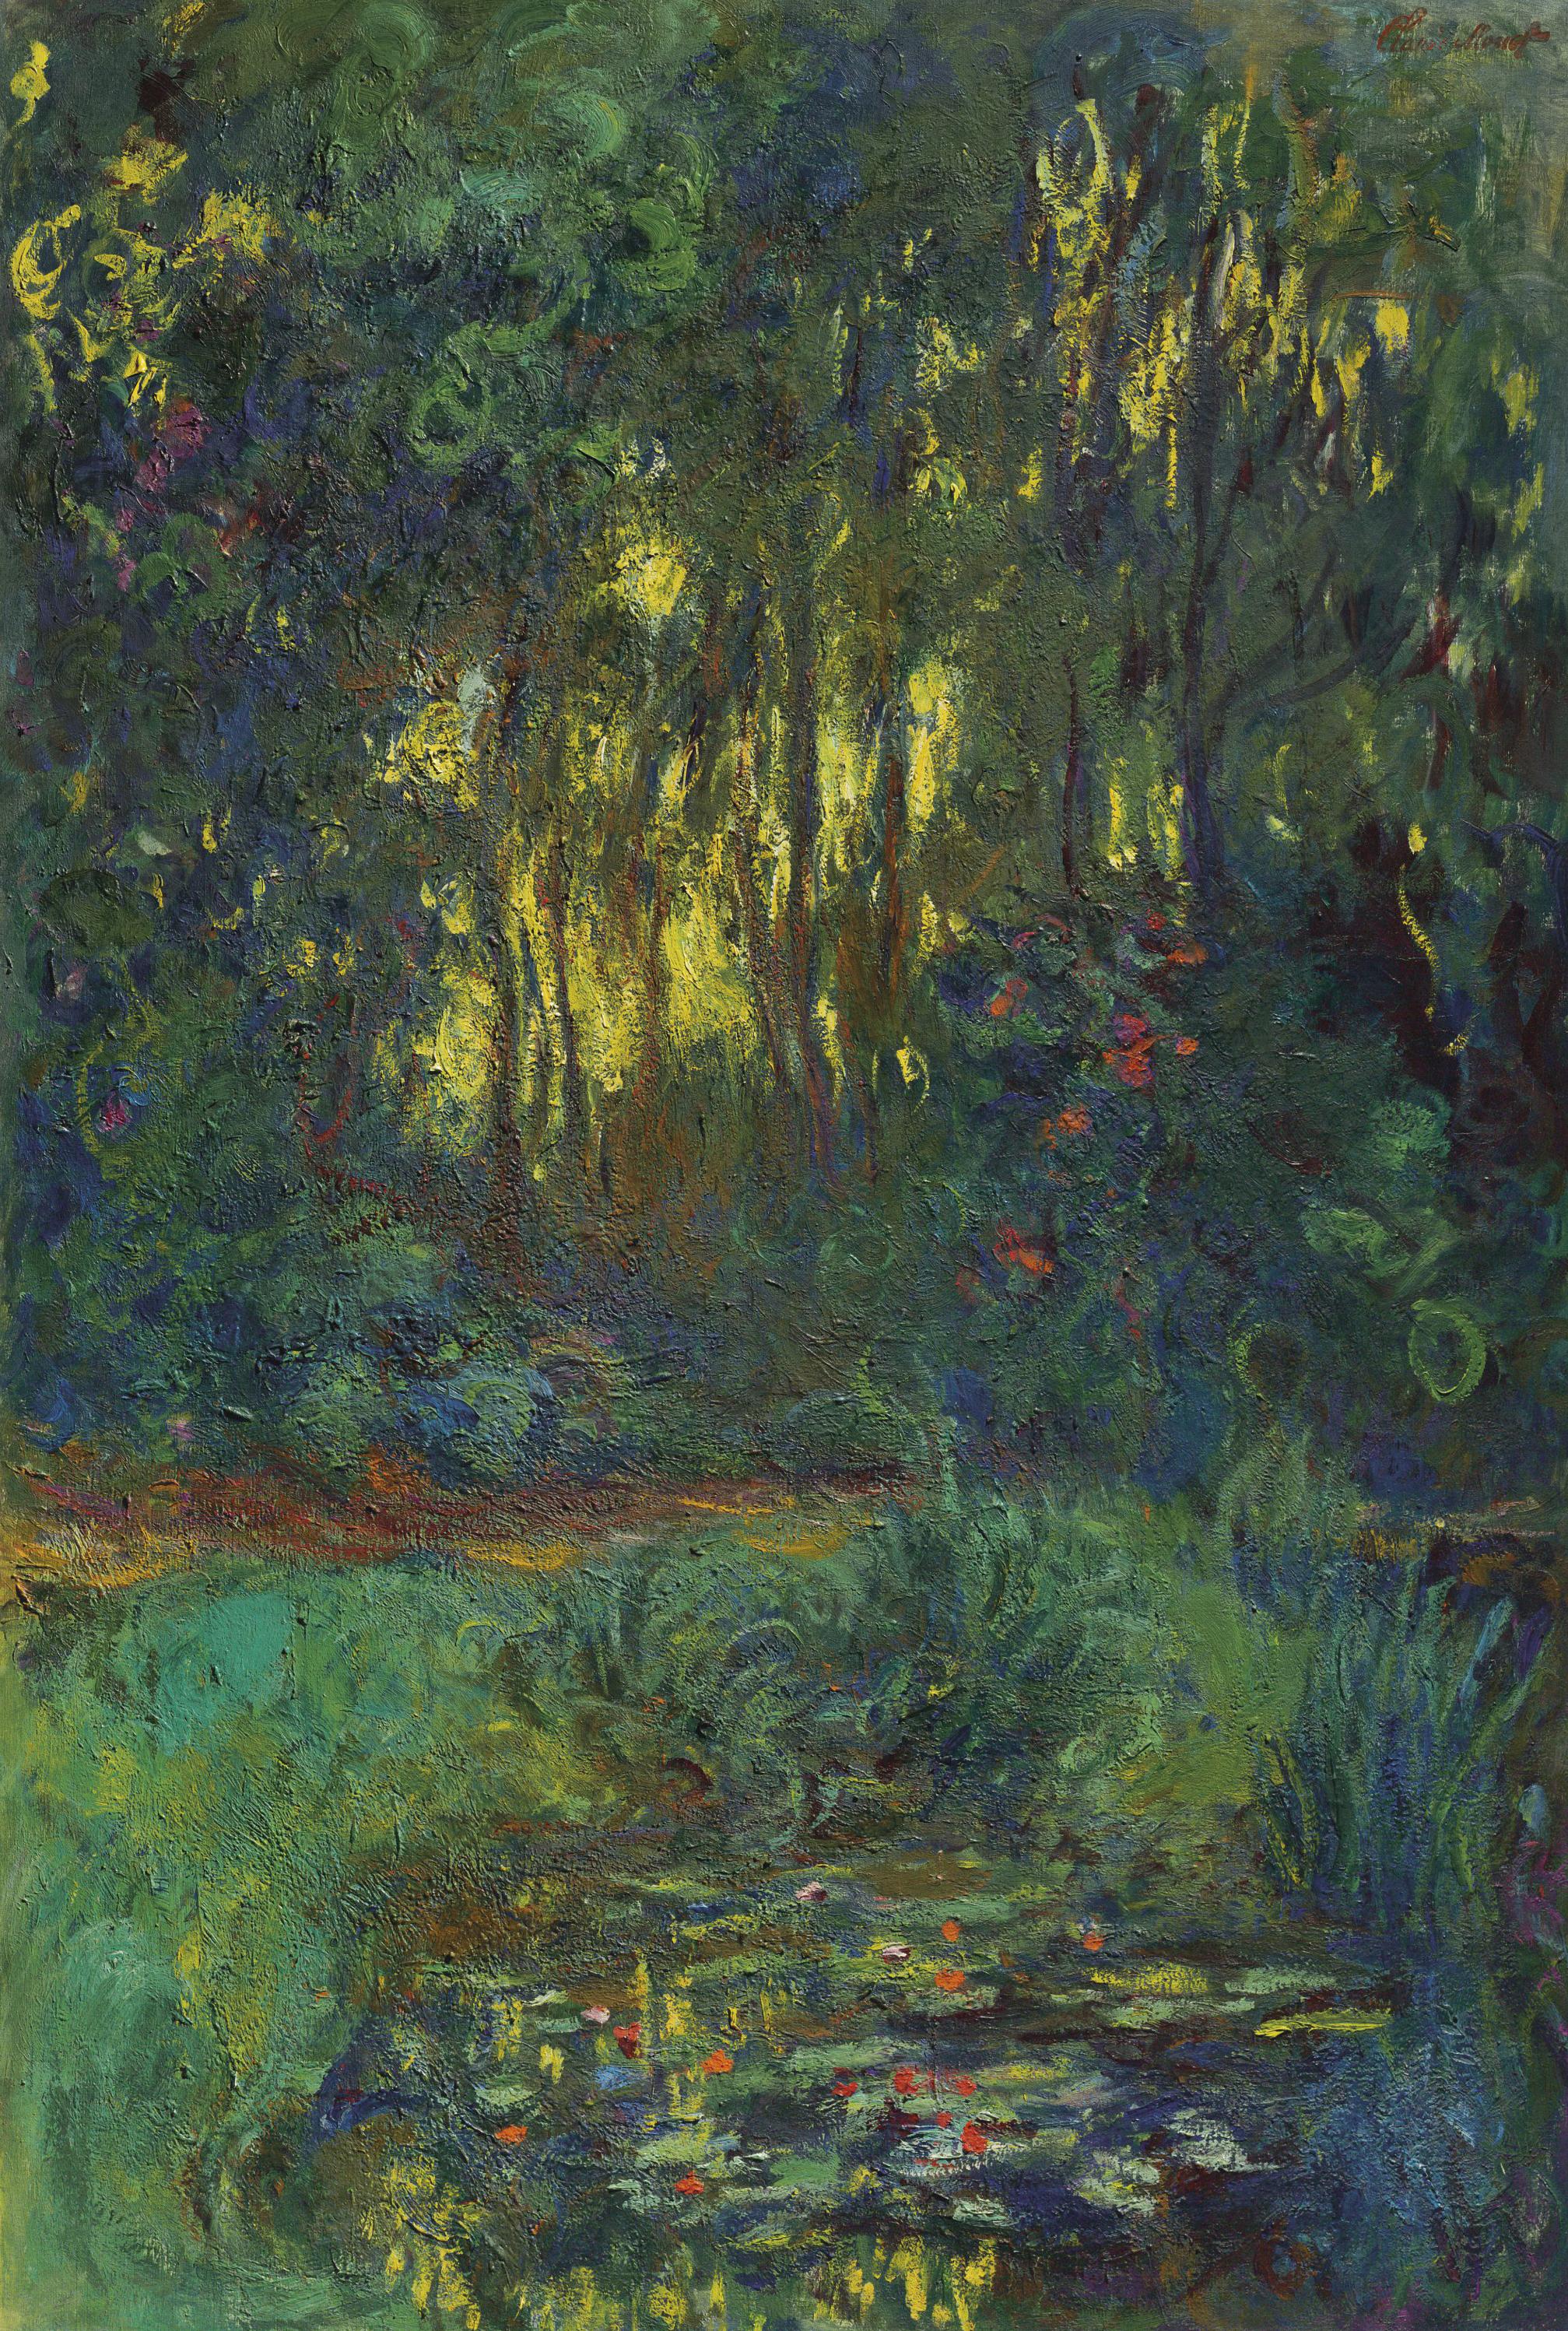 Claude Monet (1840-1926) | Coin du bassin aux nymphéas | 1910s, Paintings |  Christie's